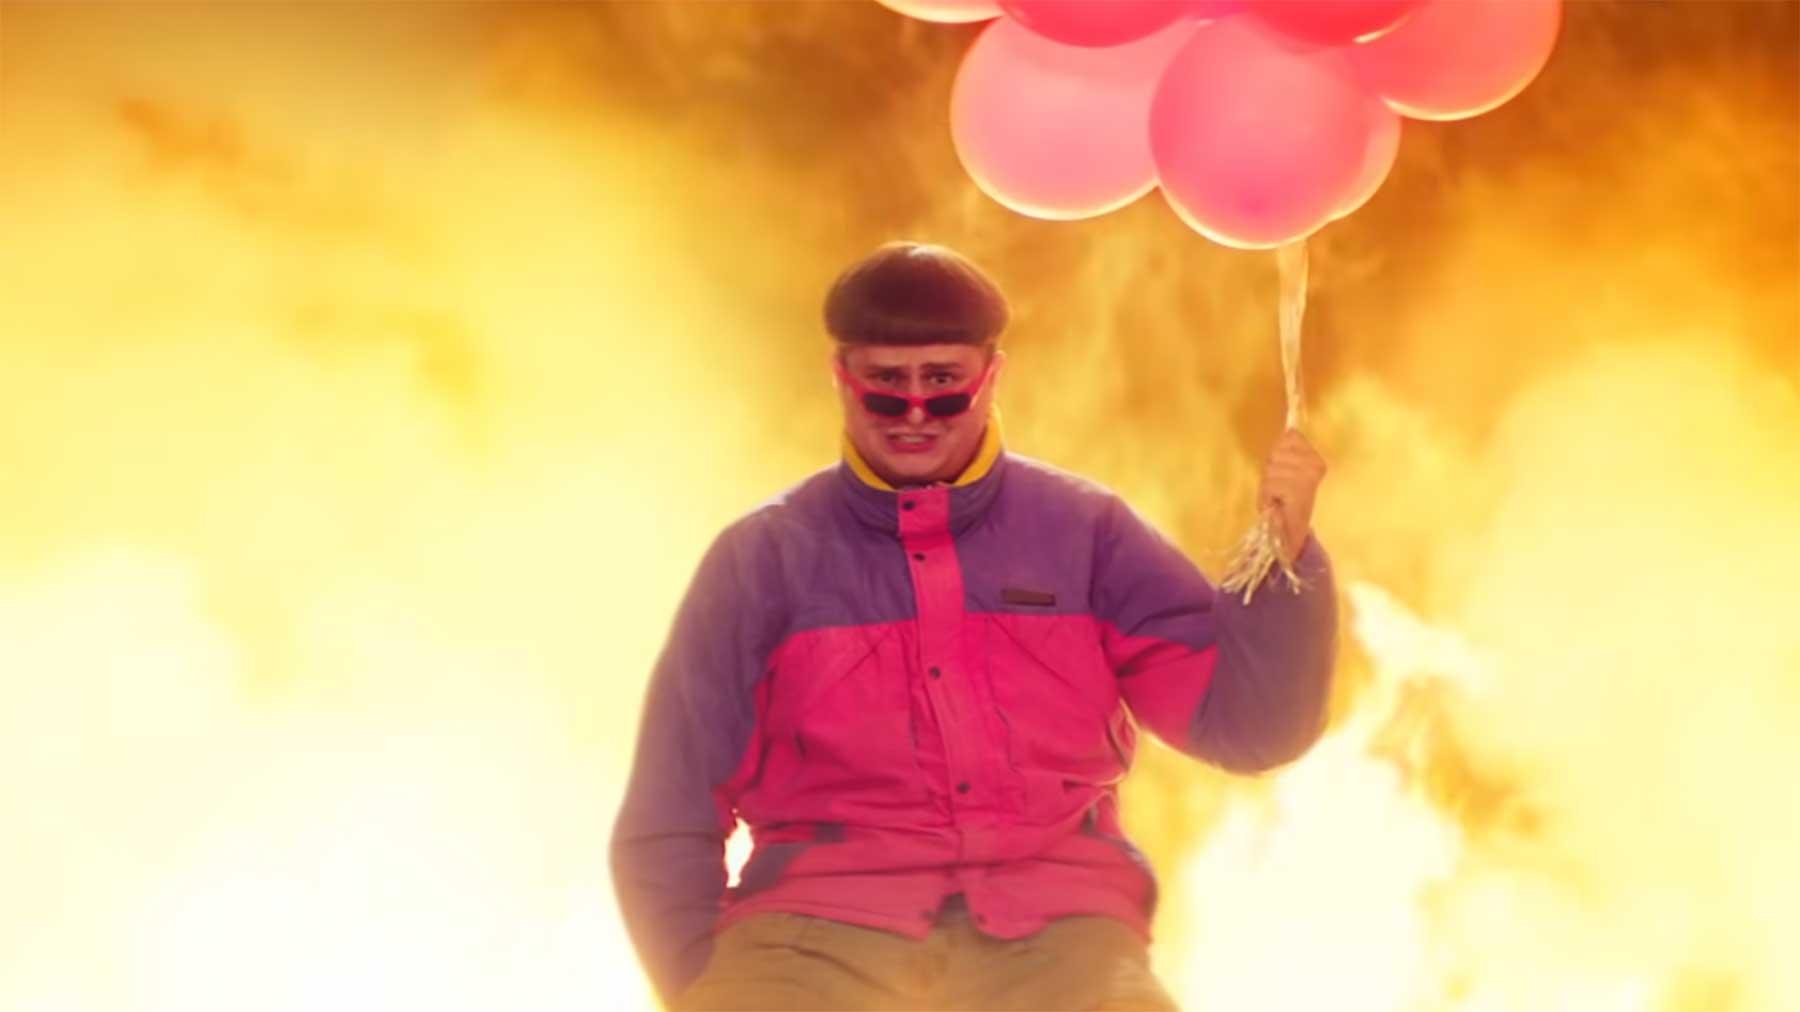 """Musikvideo: Oliver Tree - """"I'm Gone"""" oliver-tree-im-gone-musikvideo"""